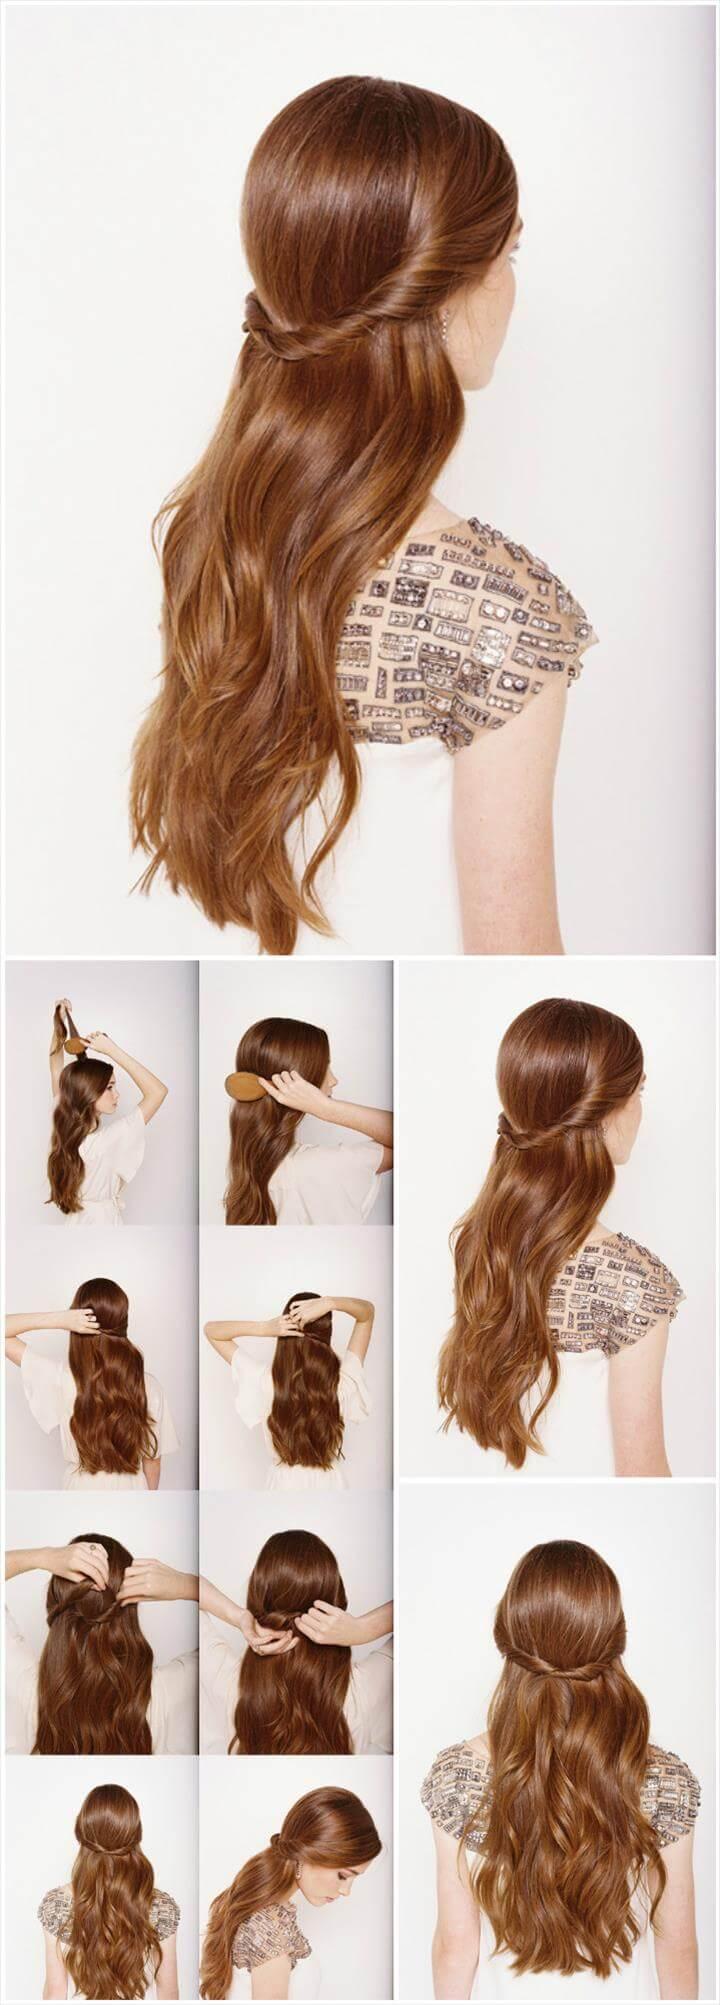 lindo peinado de novia mitad arriba y mitad abajo